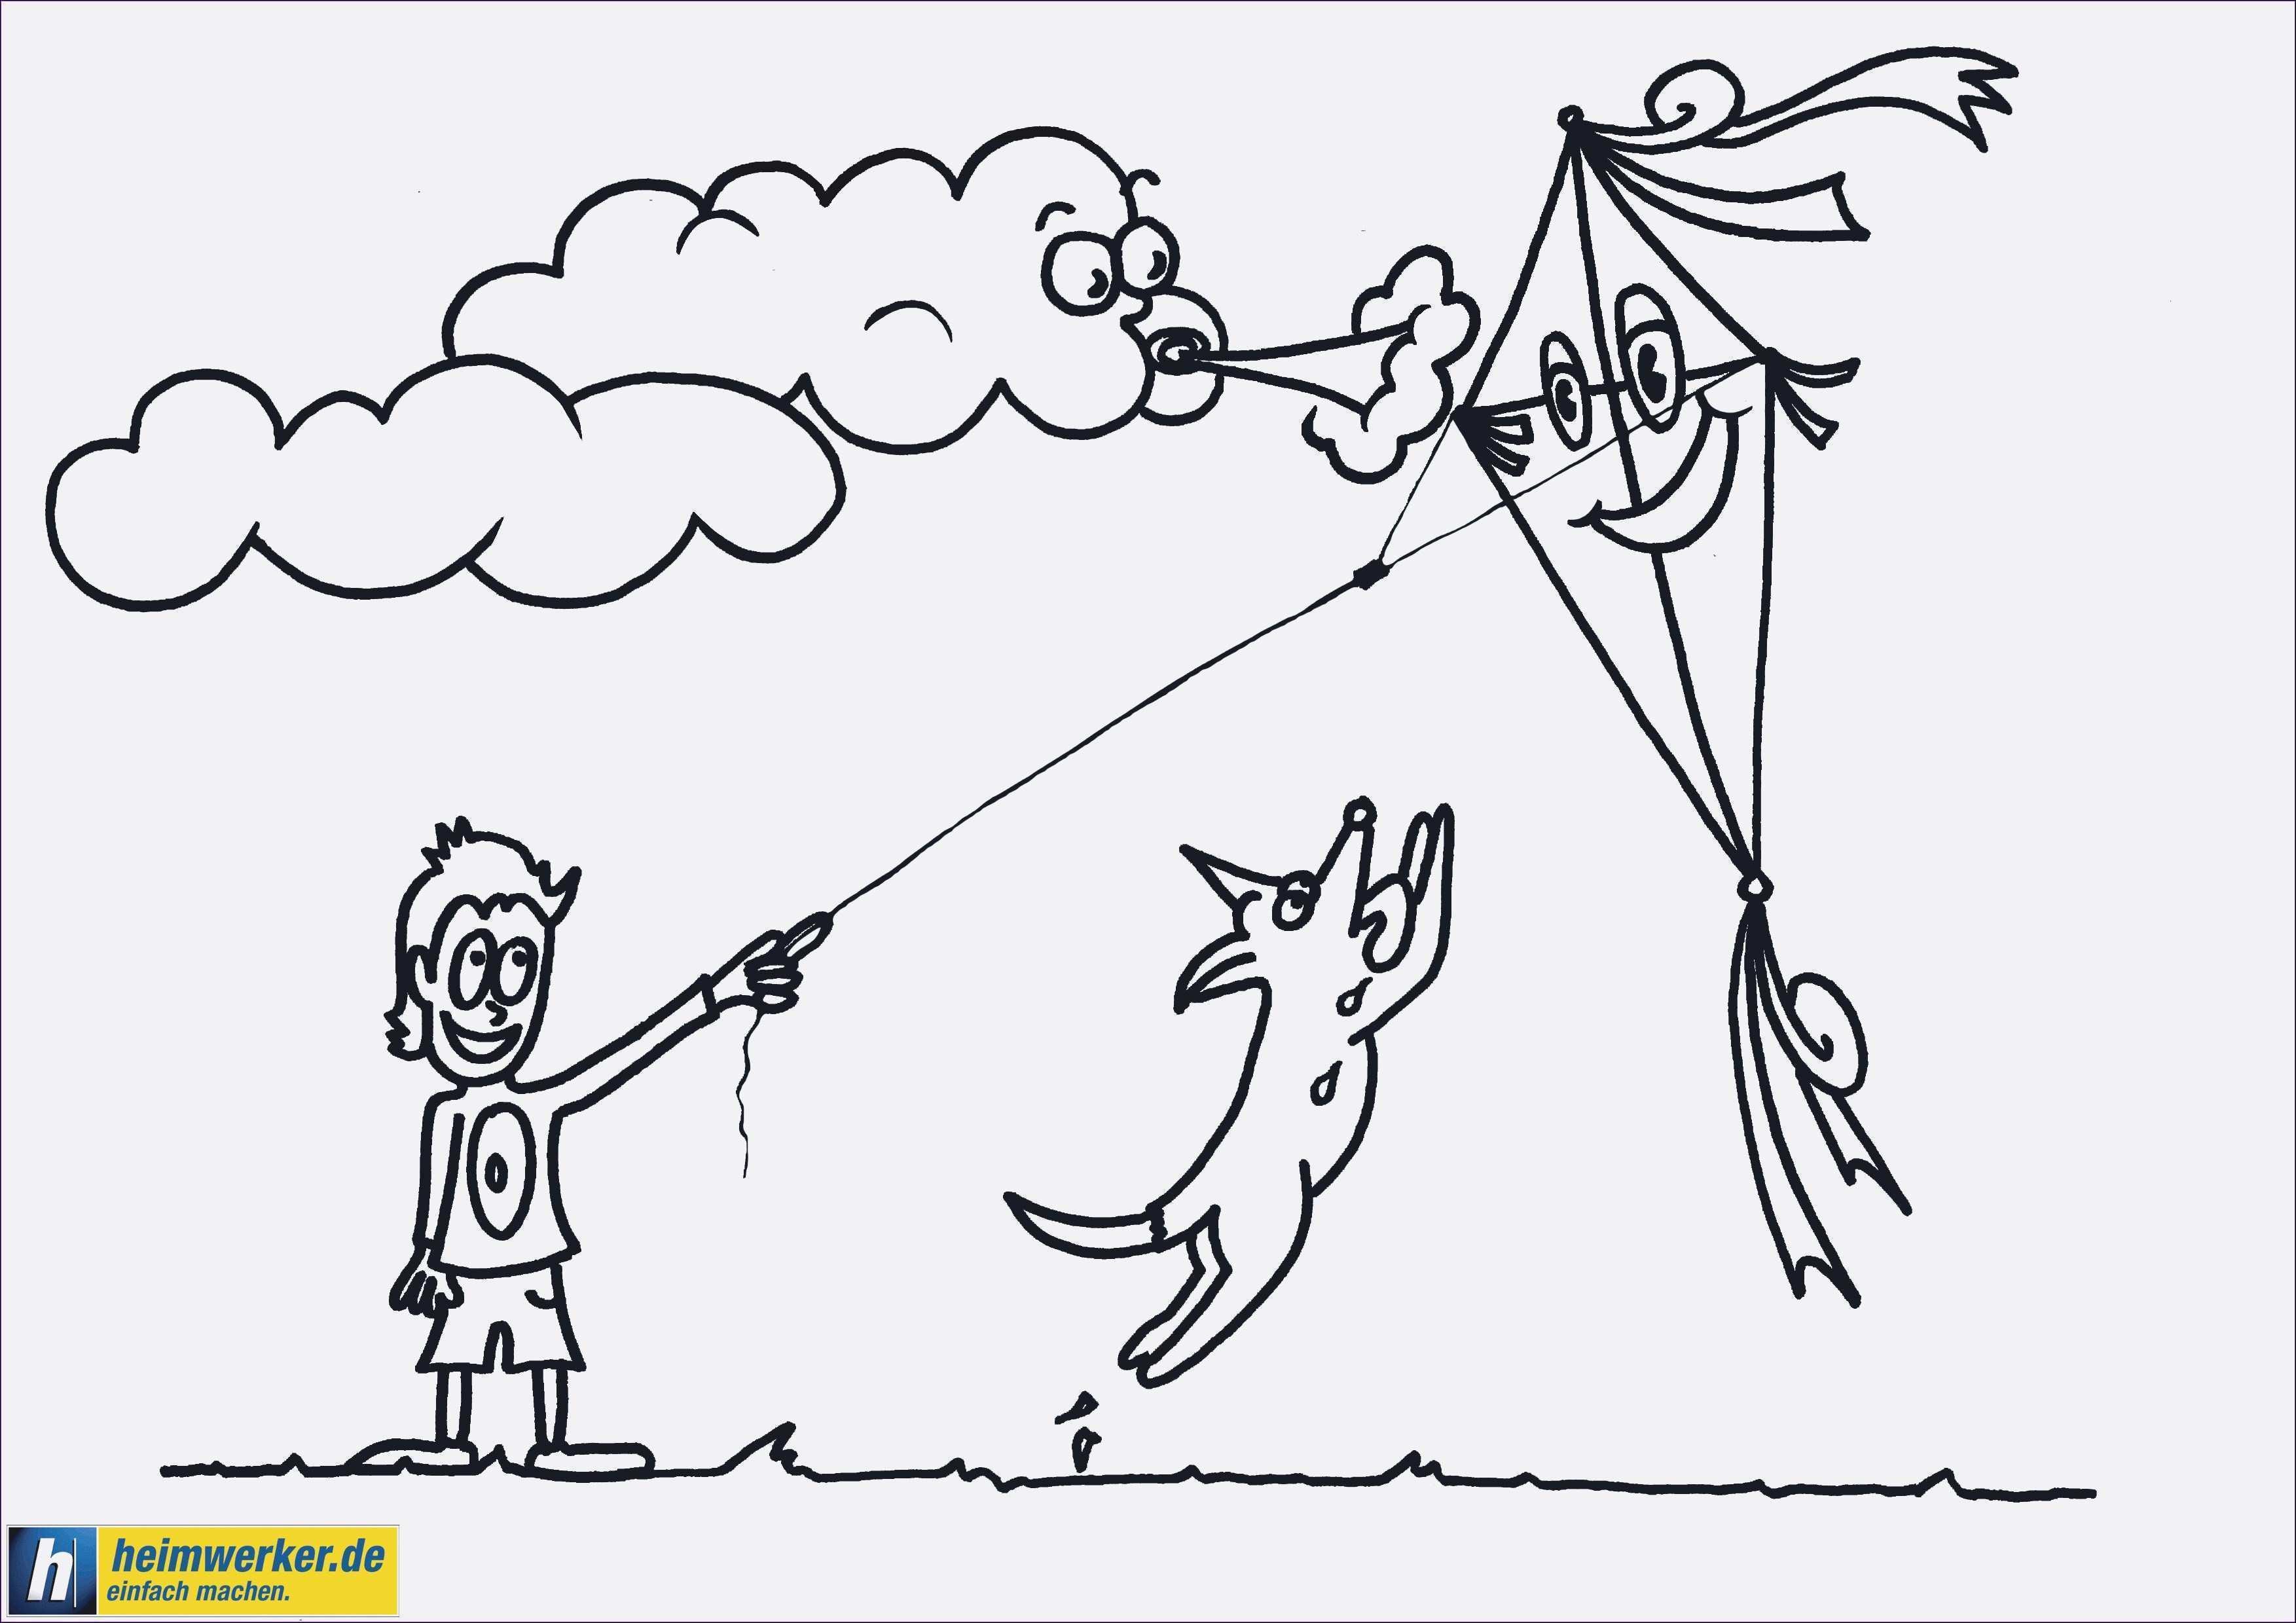 Jakob Und Esau Ausmalbilder Das Beste Von Ausmalbilder Engel Und Teufel Foto Ausmalbild Jakob Und Esau Elegant Bild